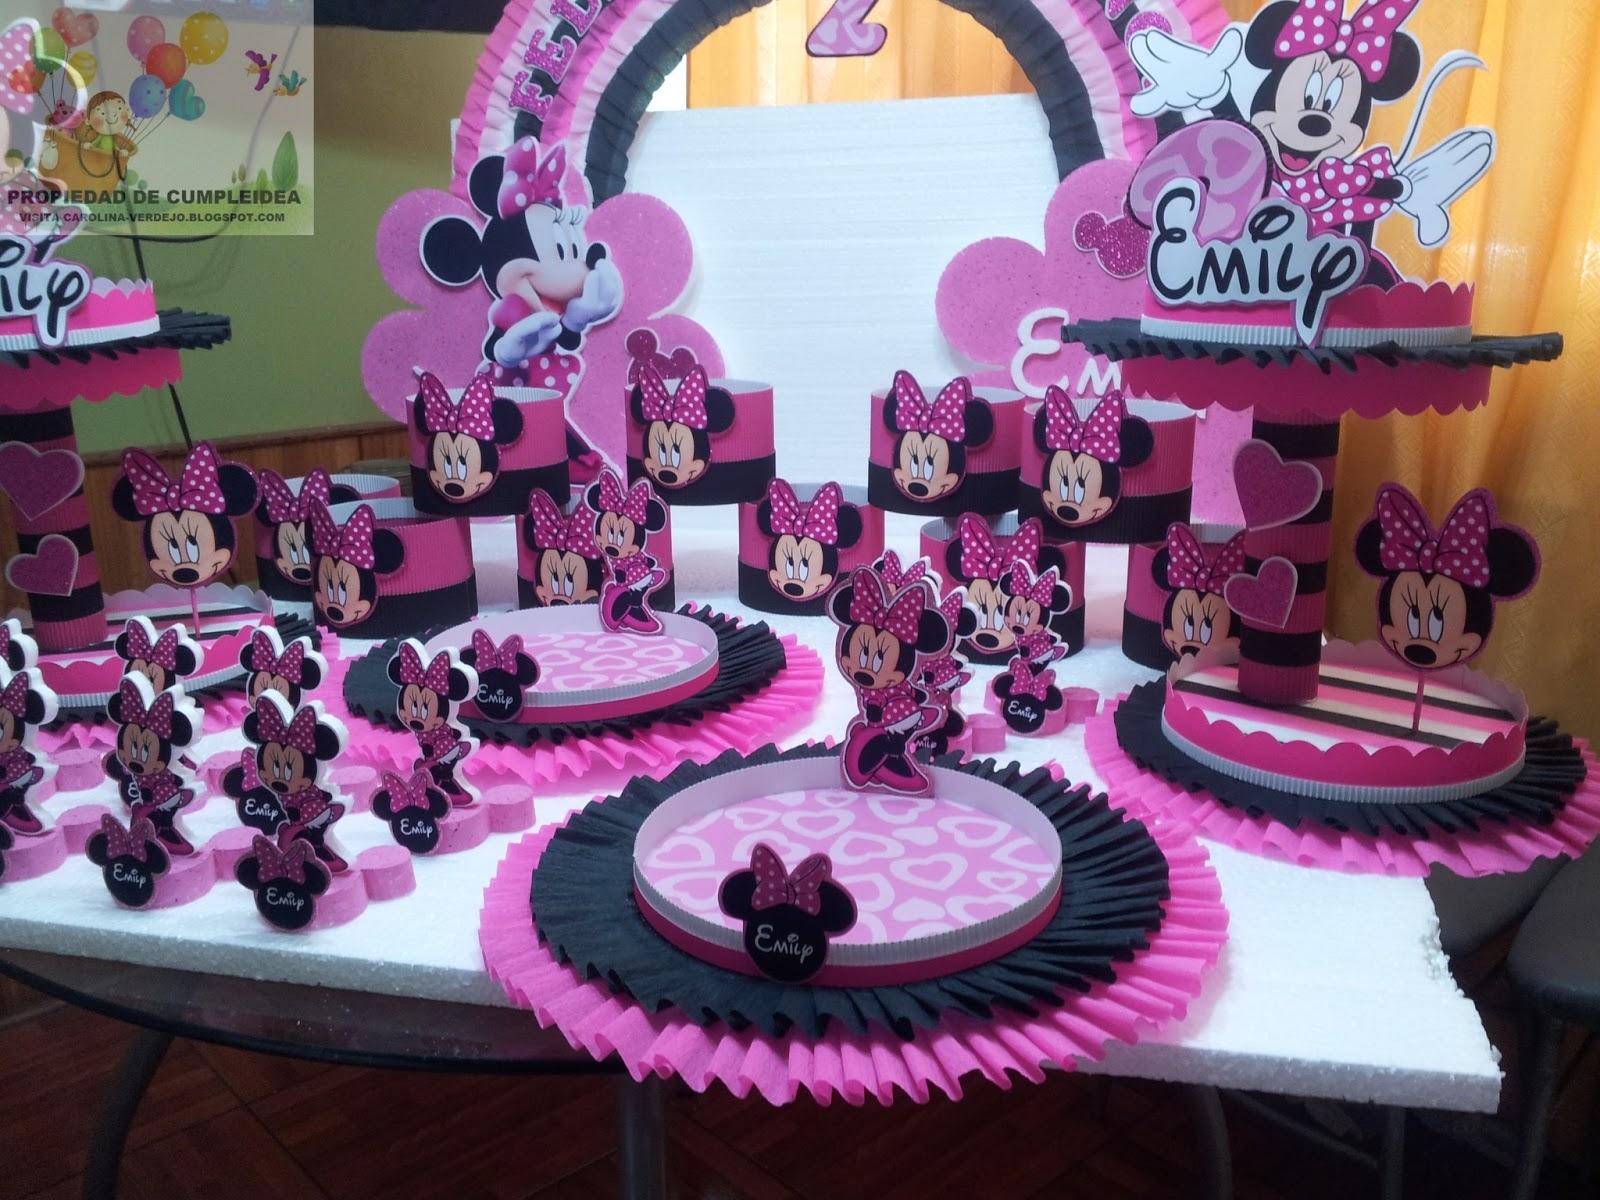 Arreglos para fiestas infantiles para fiestas infantiles - Decoracion fiesta de cumpleanos infantil ...